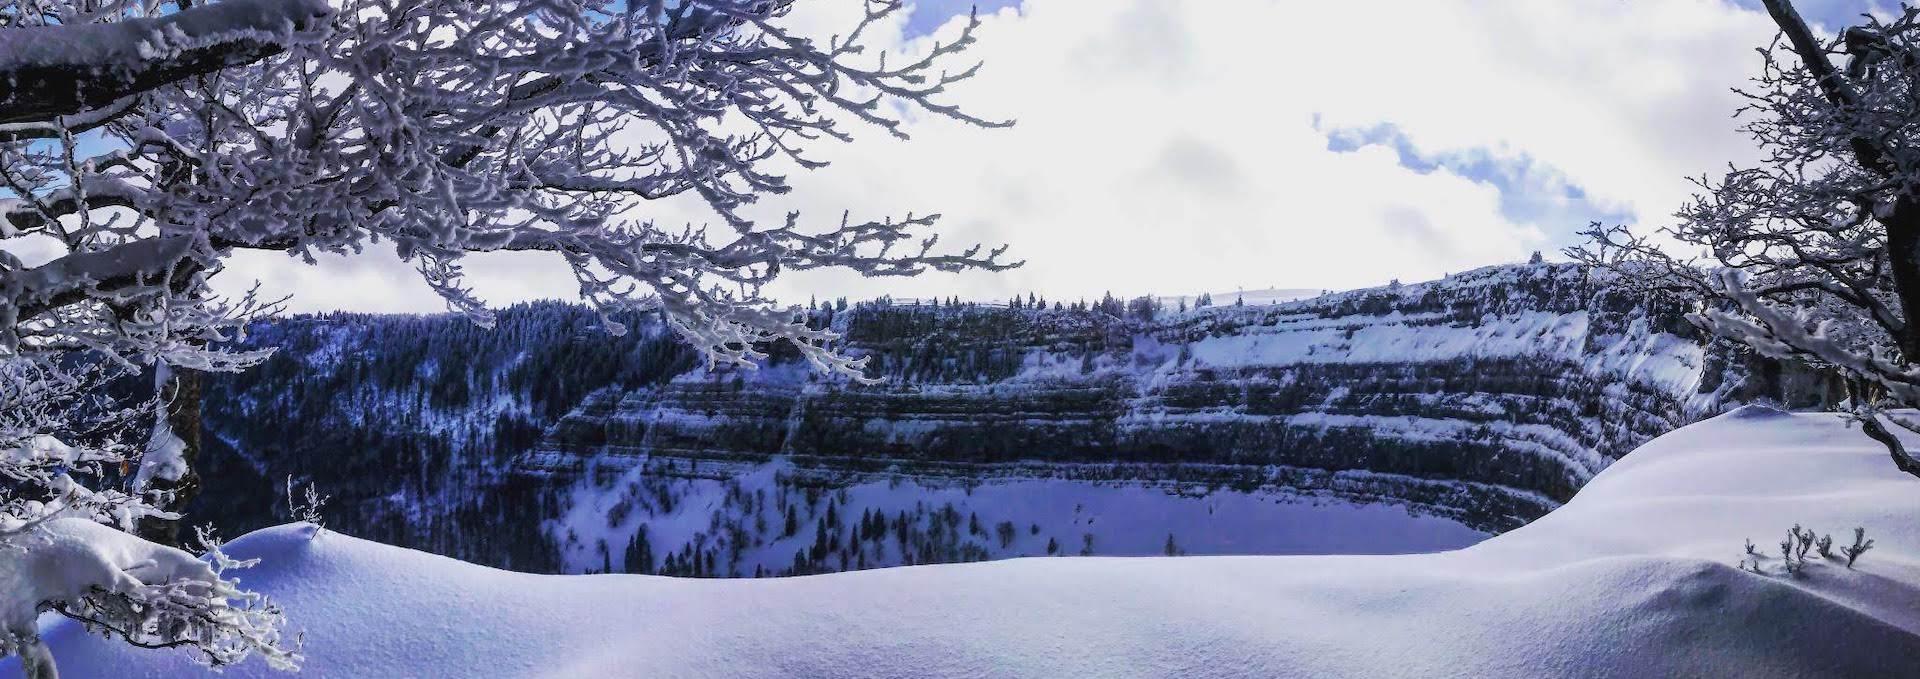 Randonnée guidée au Creux du Van, Val-de-Travers, © Tourisme neuchâtelois